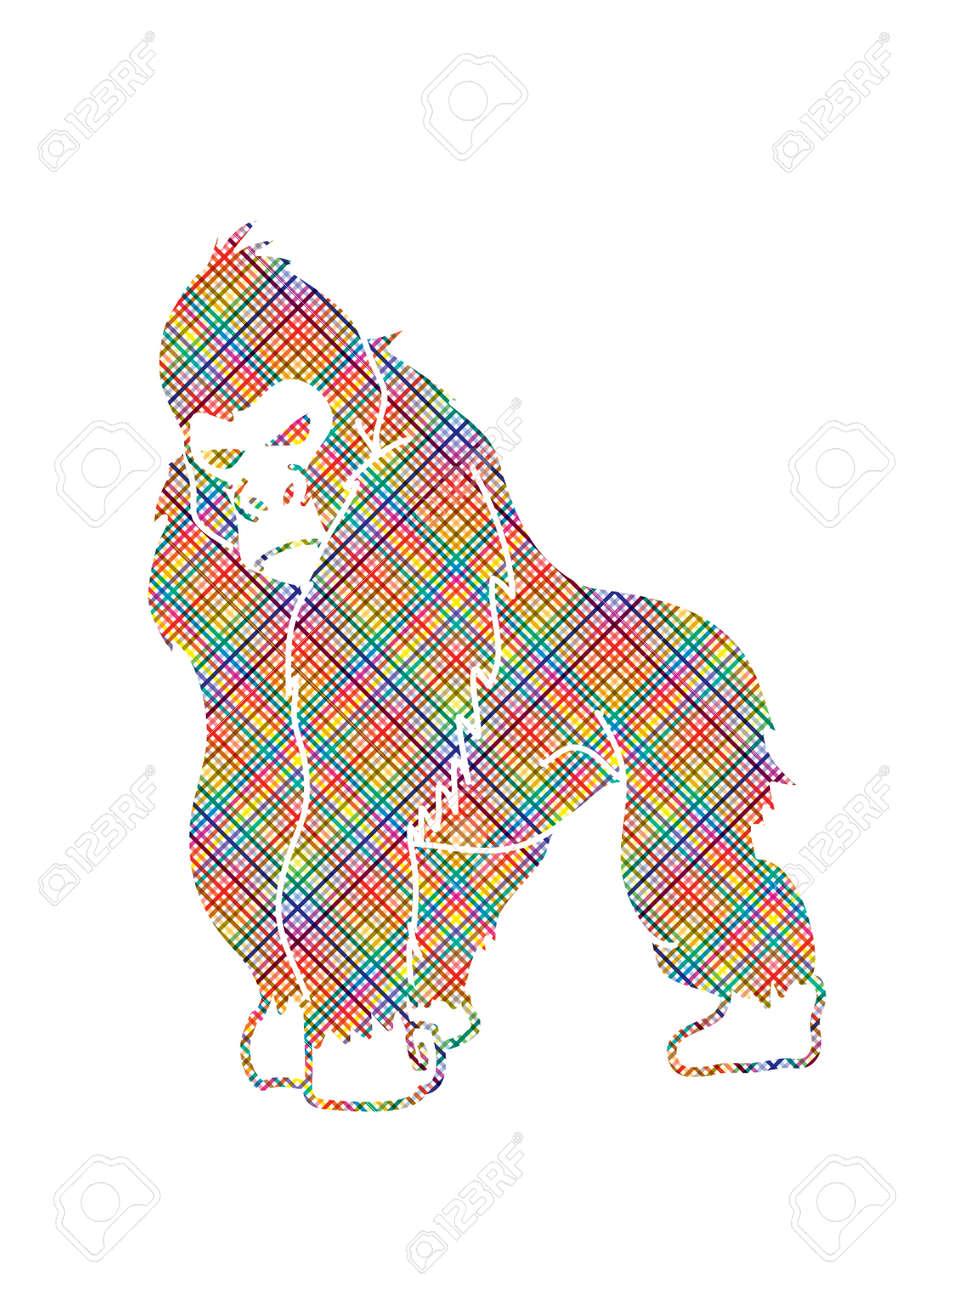 selección premium 98336 7eb57 Gorila de pie diseñado con píxeles de colores de gráficos vectoriales.